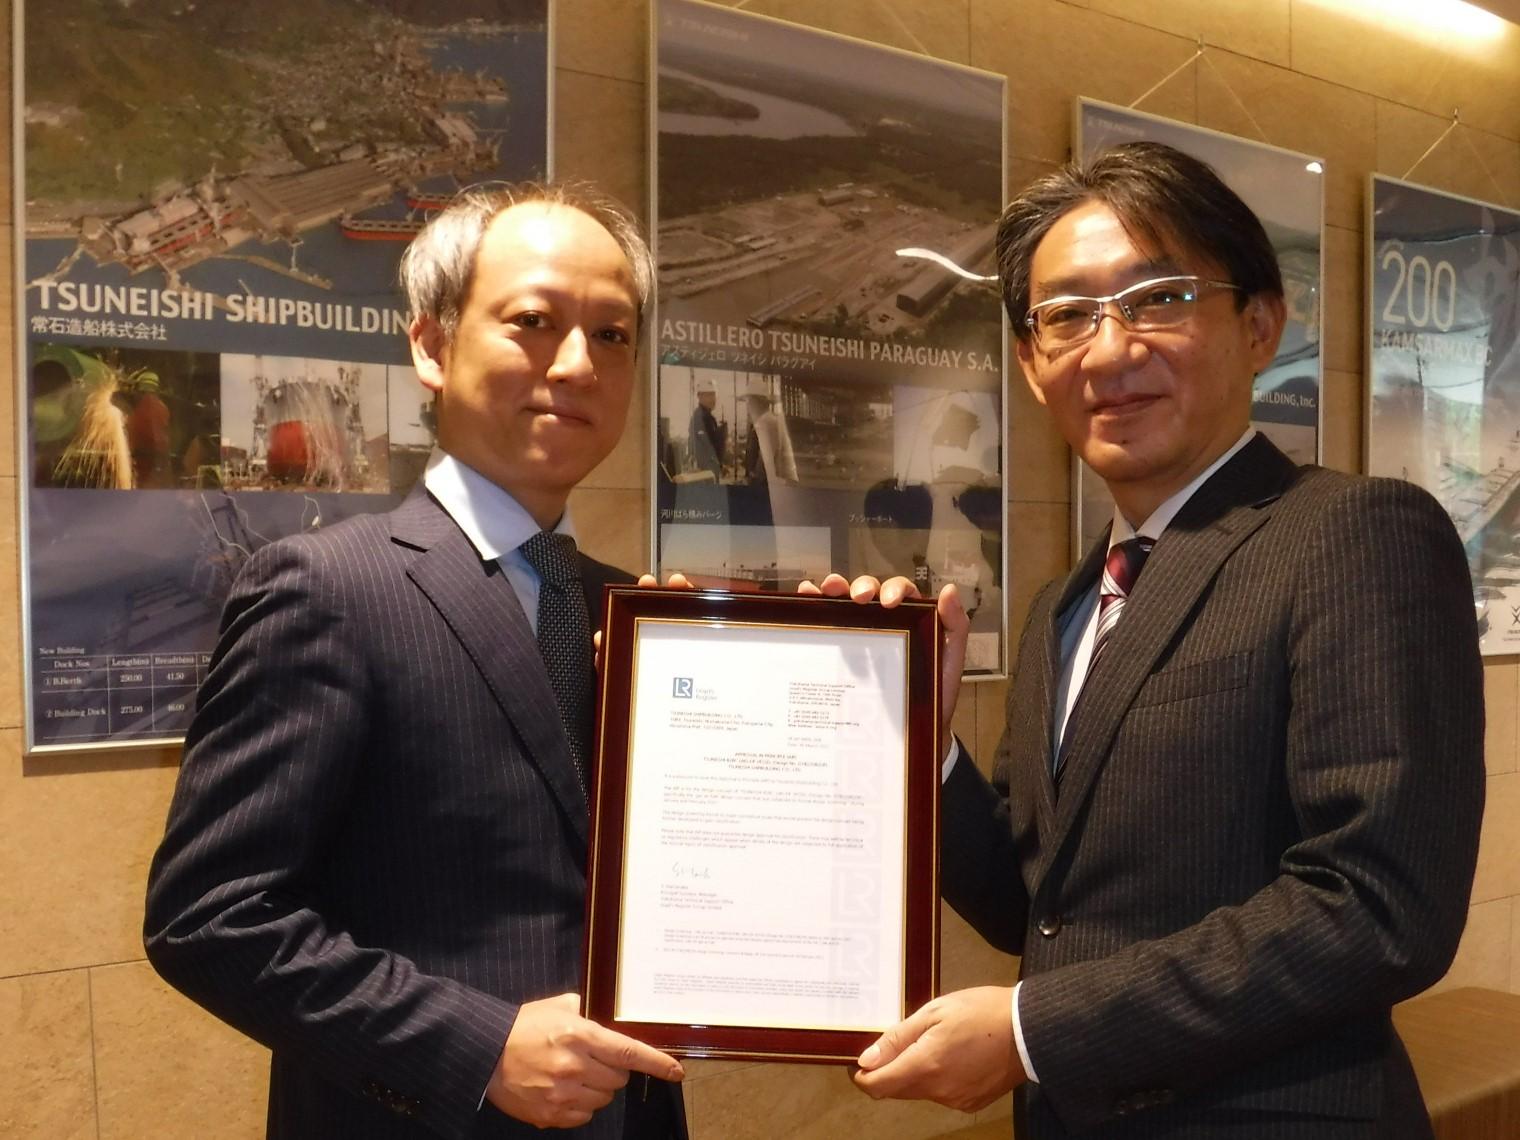 常石造船 造船営業部 部長 庄 圭一郎(右)とロイド船級協会 上席検査員 夏井 英雄様(左)